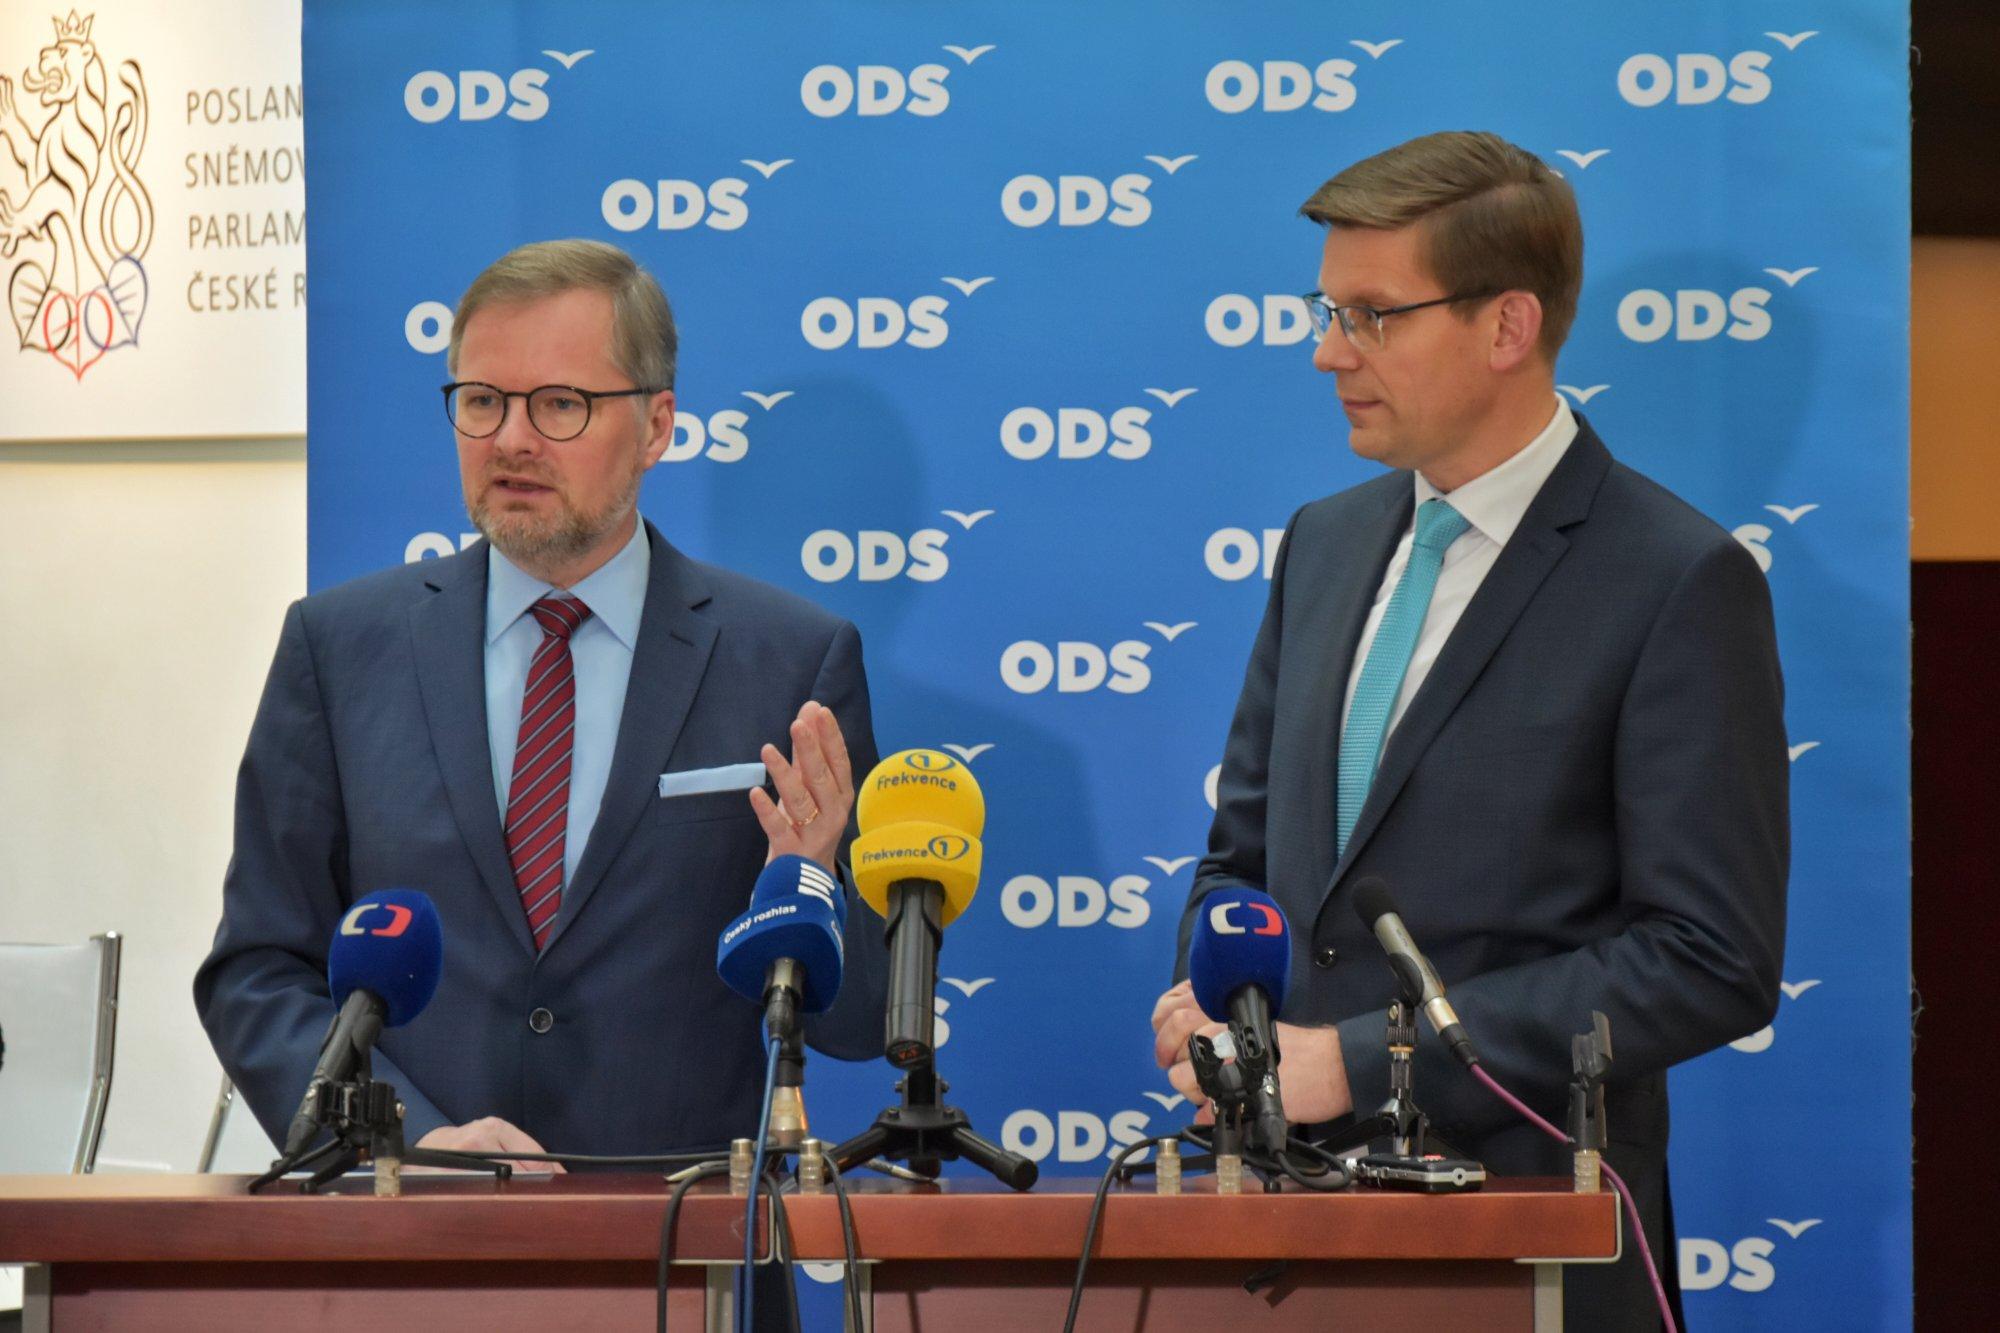 ODS: Naší ambicí je vrátit Českou republiku mezi světovou špičku. Nabídneme program reformy státu